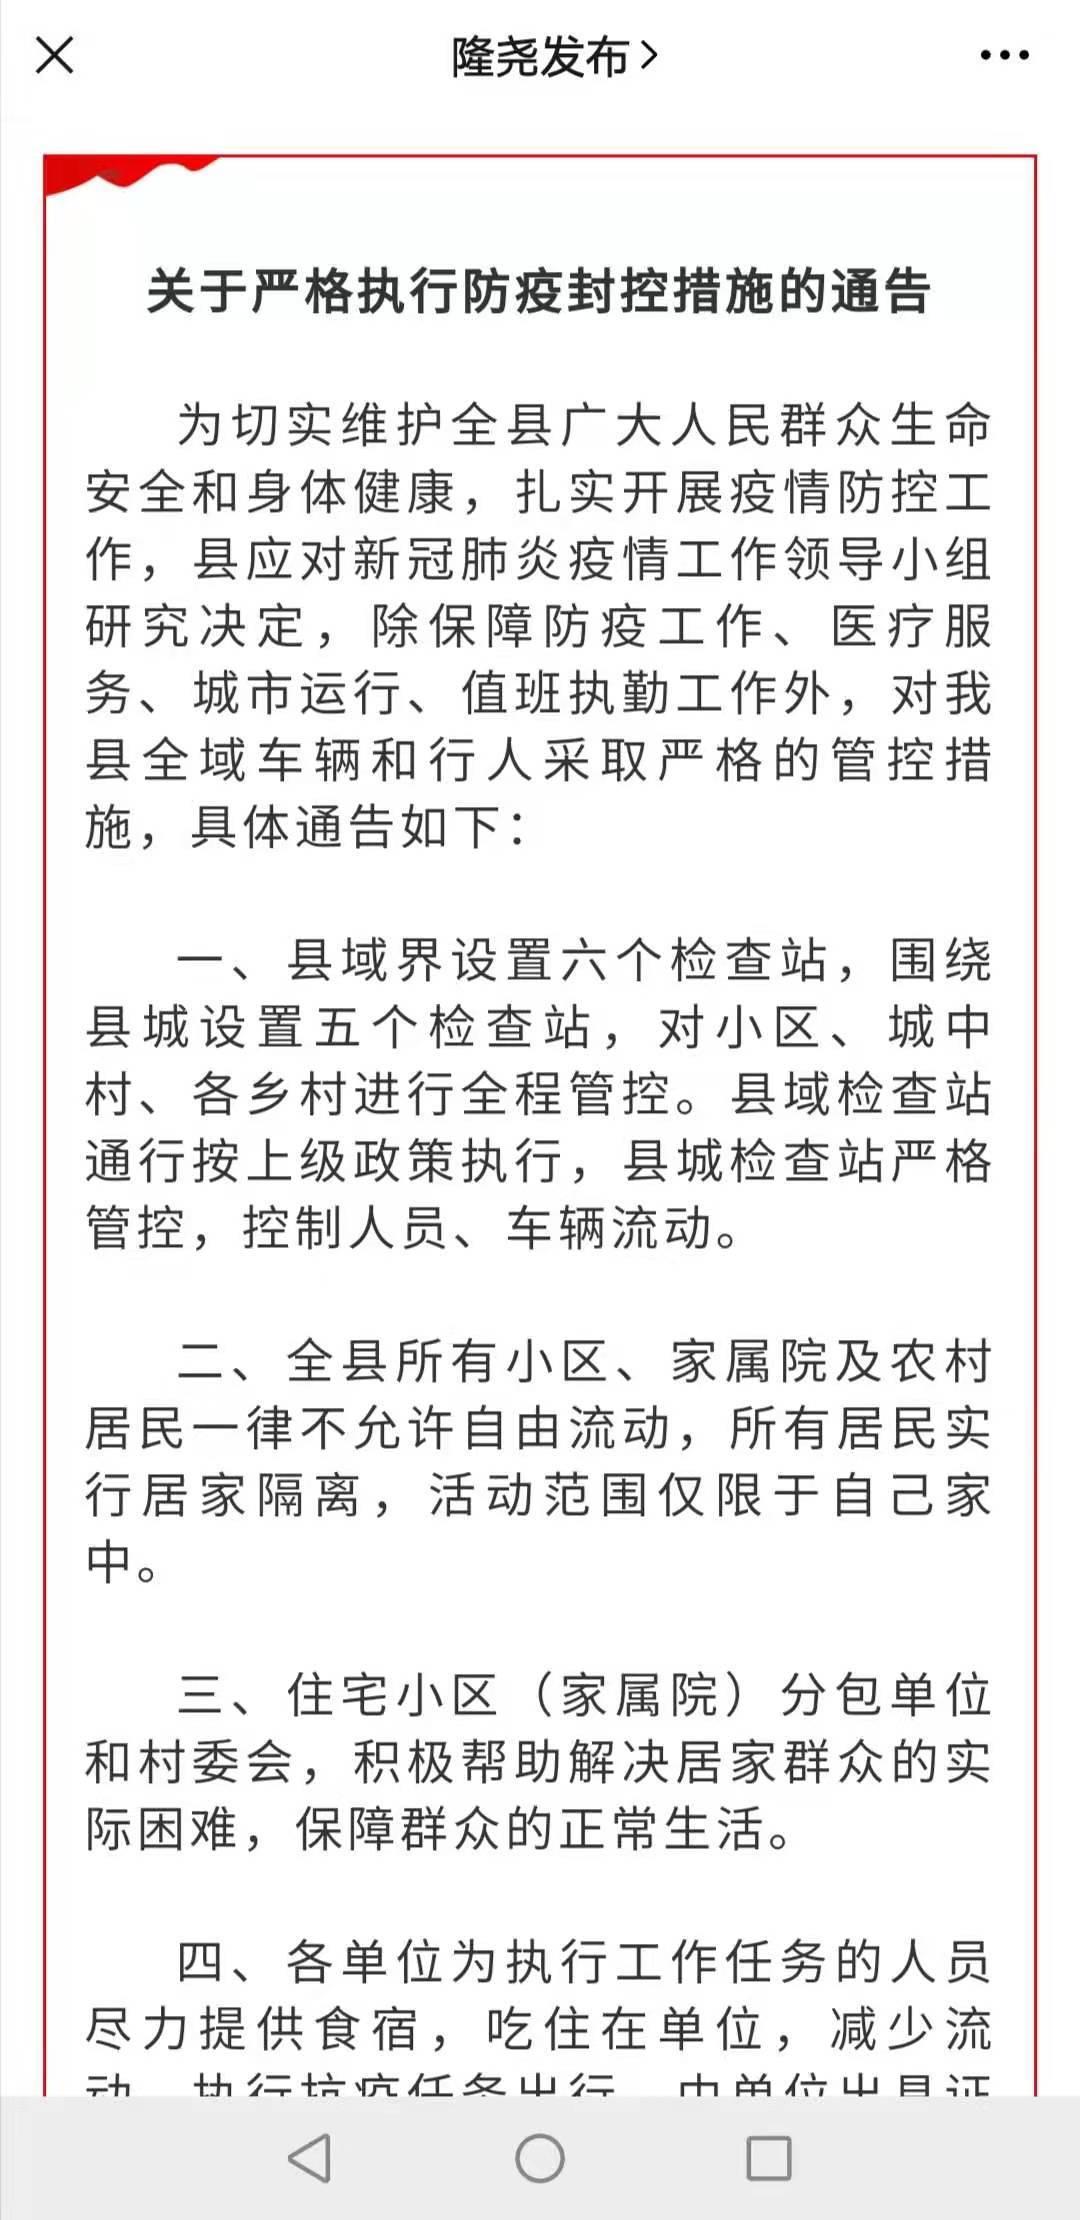 每经23点丨黑龙江绥化市区实行最严管控:禁机动车上路;河北隆尧:全县人活动范围仅限自己家